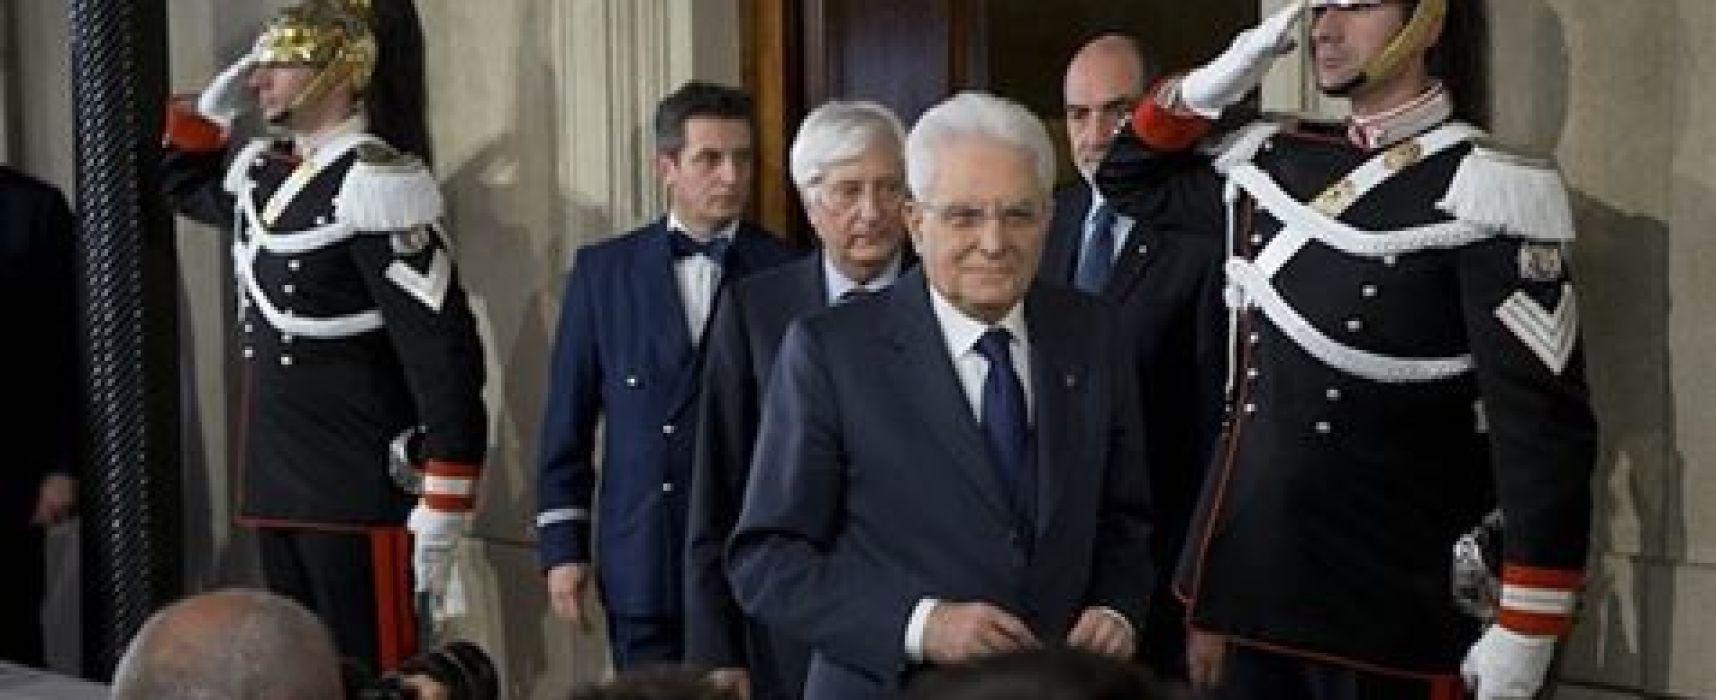 Salvini e Di Maio: subito al voto. Meloni: impeachment per Mattarella